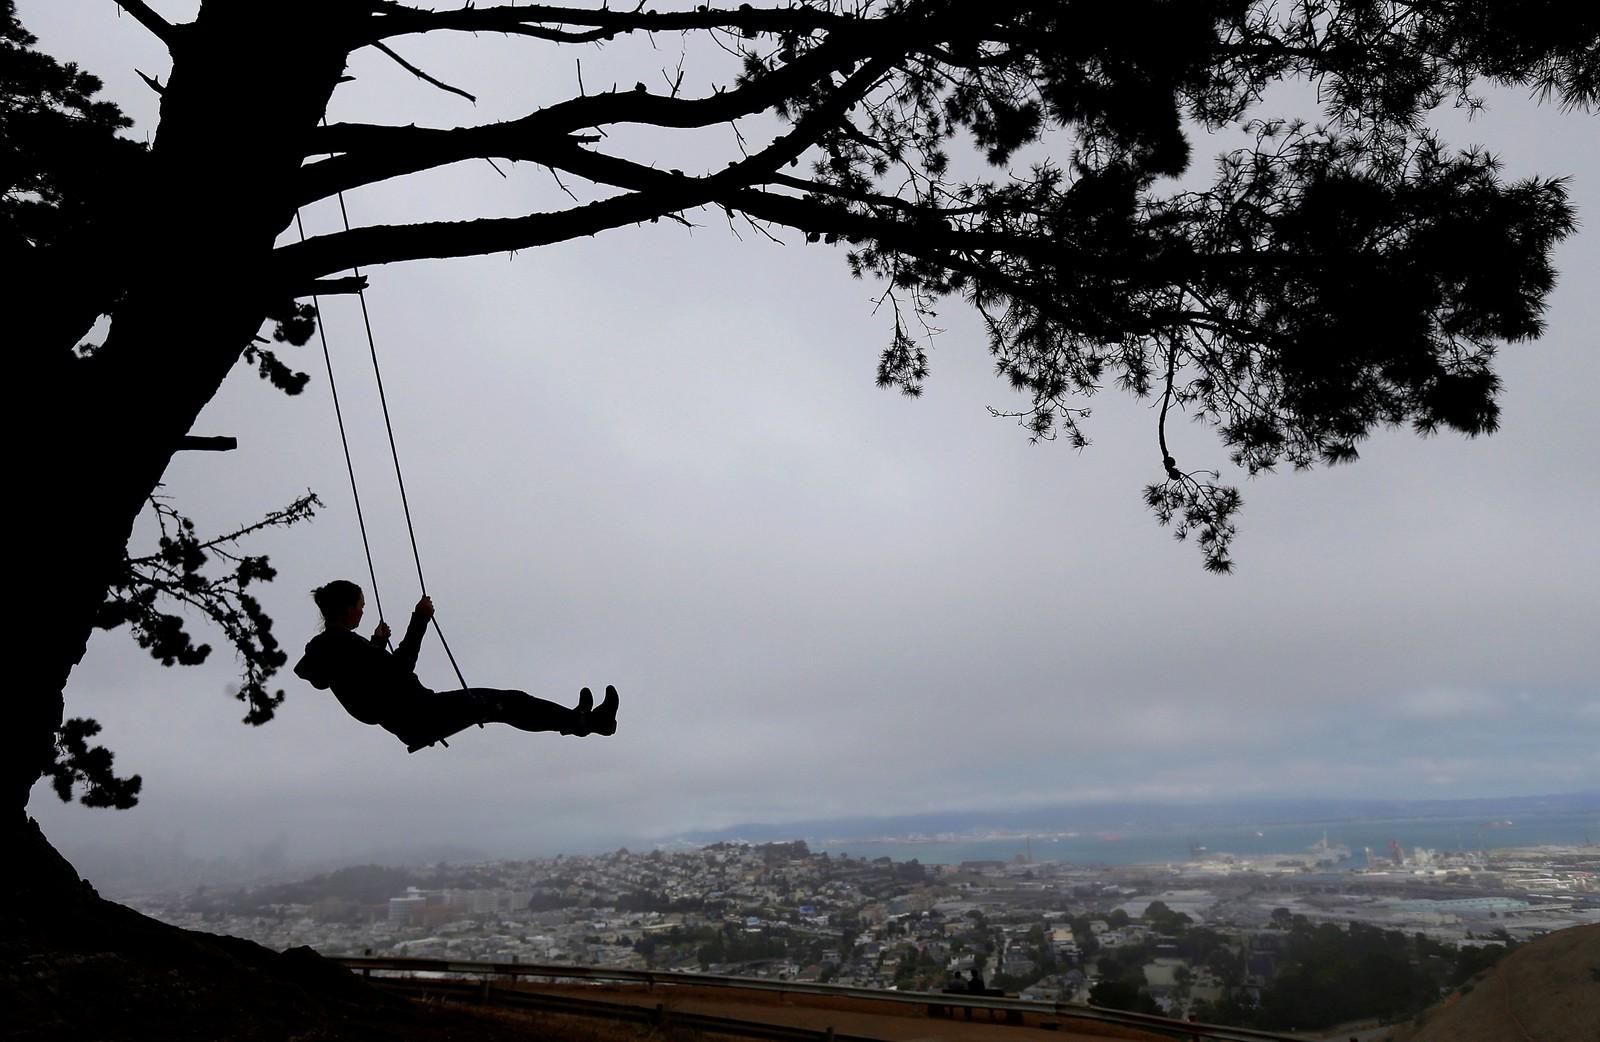 Det finnes sikkert verre ting å gjøre enn å svinge seg over San Fransisco.